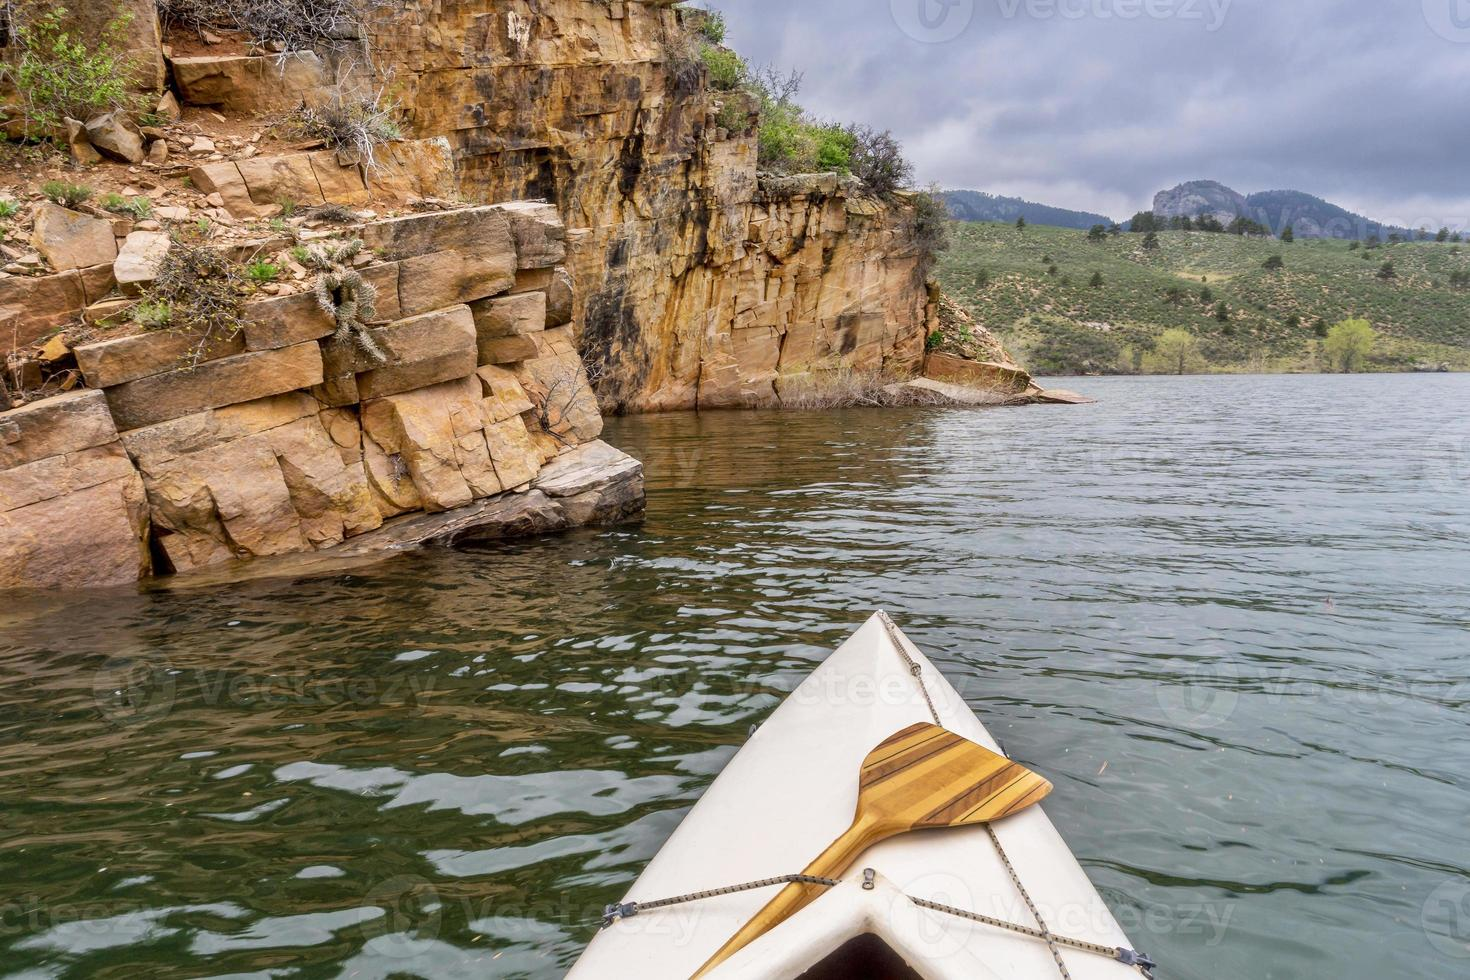 Kanu und Sandstein Klippe foto